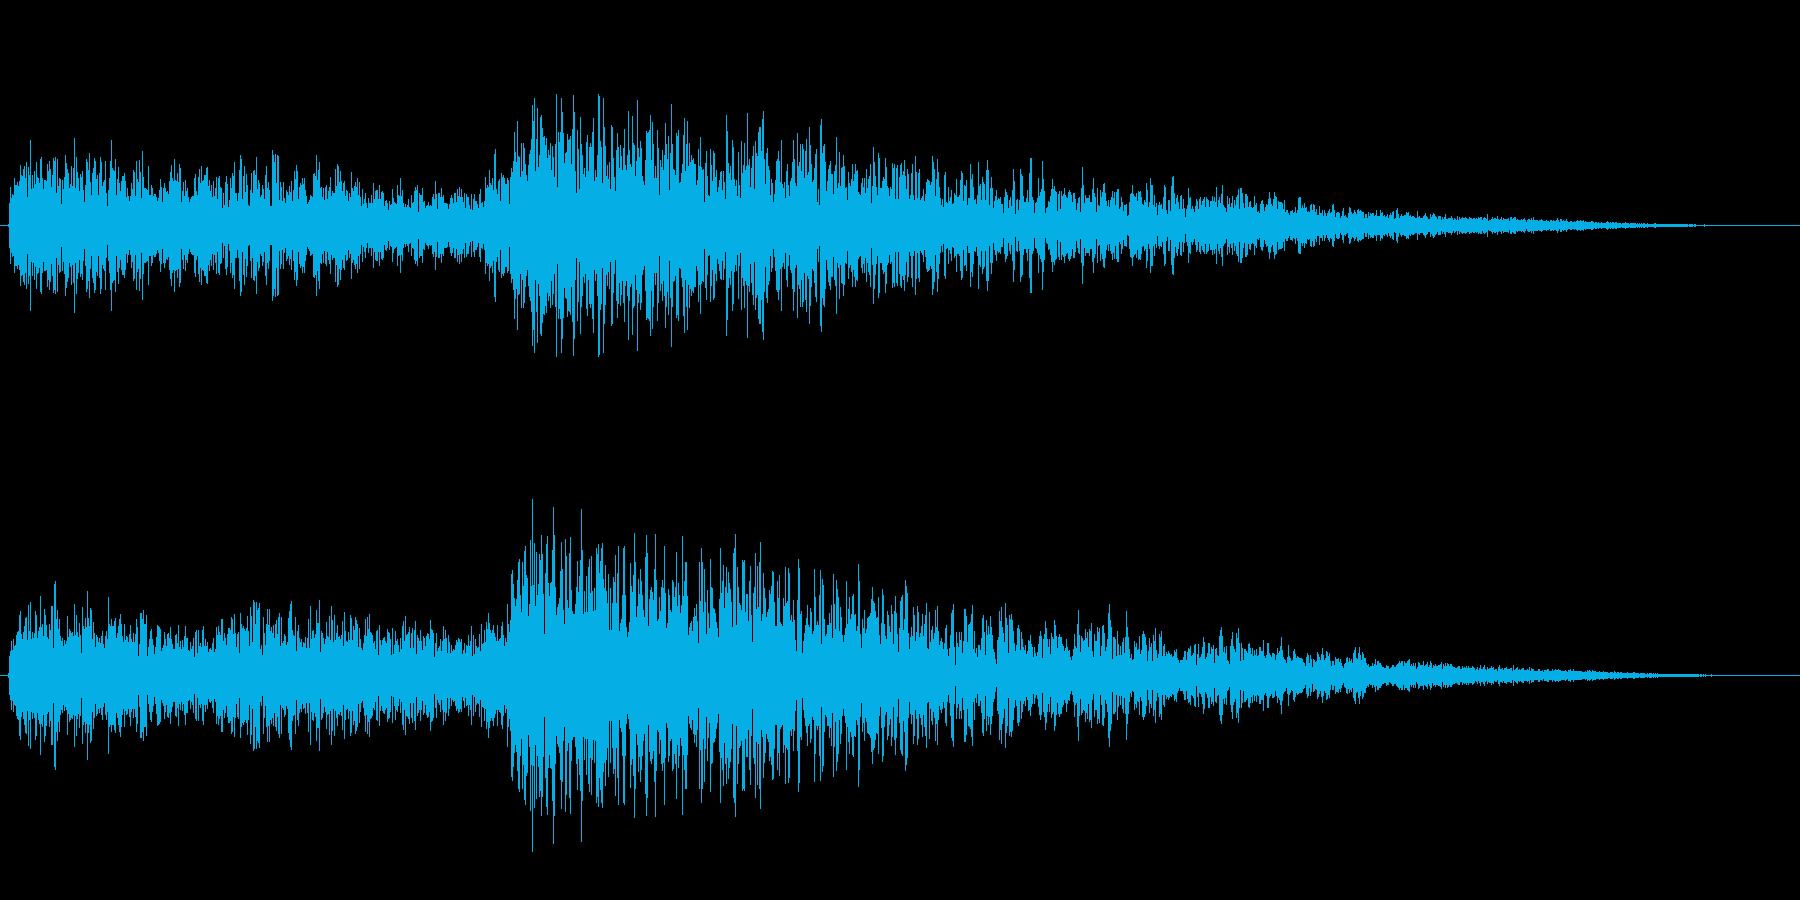 「ガーン ドカーン(アクセント音)」の再生済みの波形